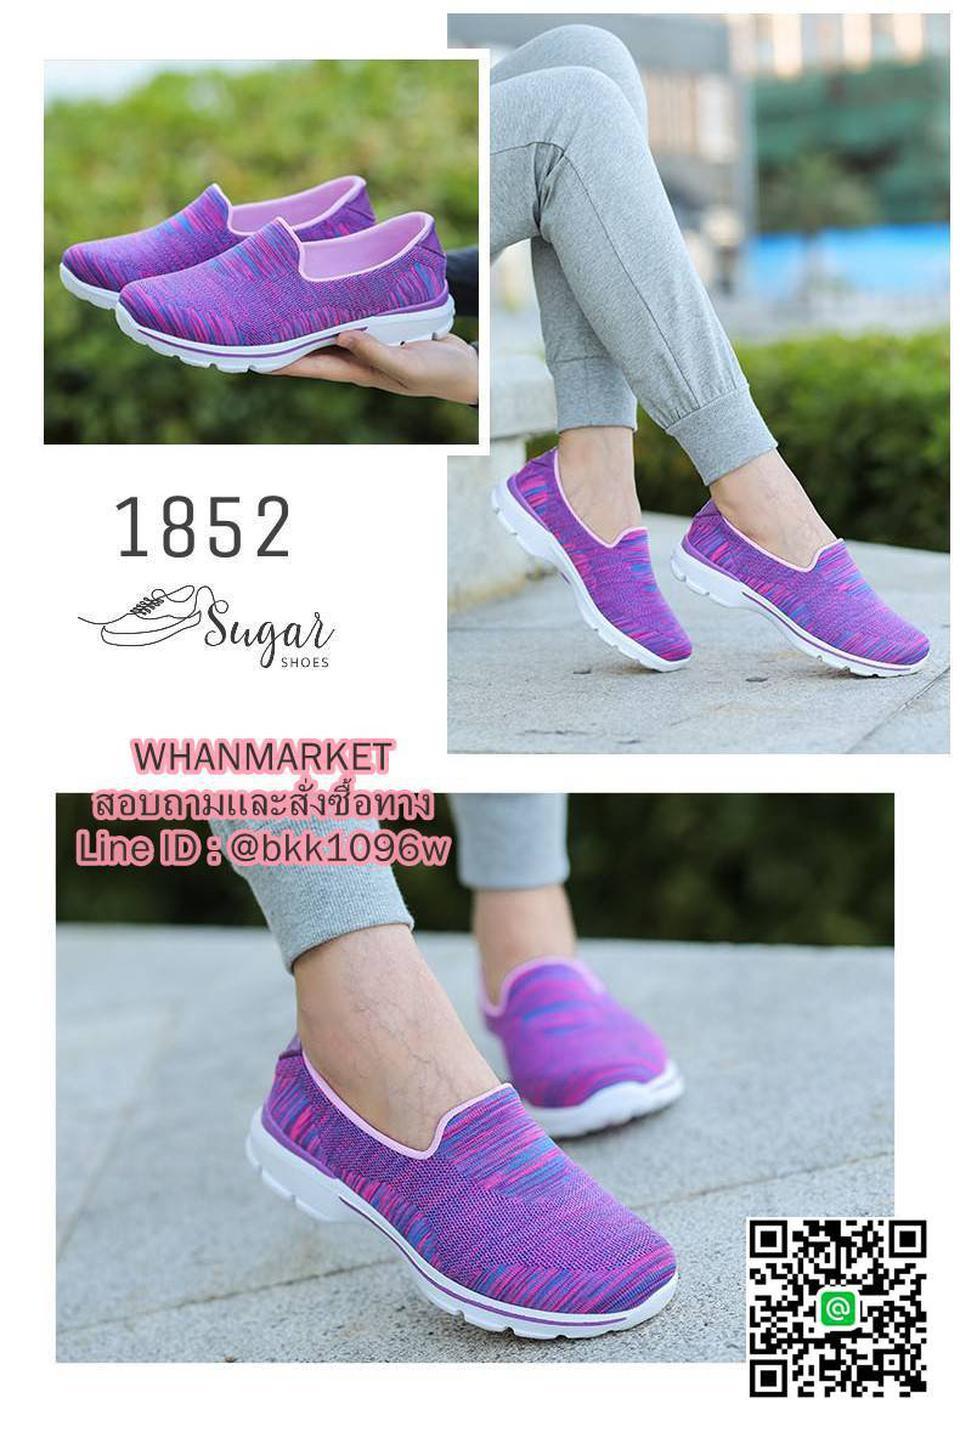 รองเท้าผ้าใบ แบบสวม ทำจากผ้ายืดทออย่างดี  พื้นนิ่มและเบามาก รูปที่ 2